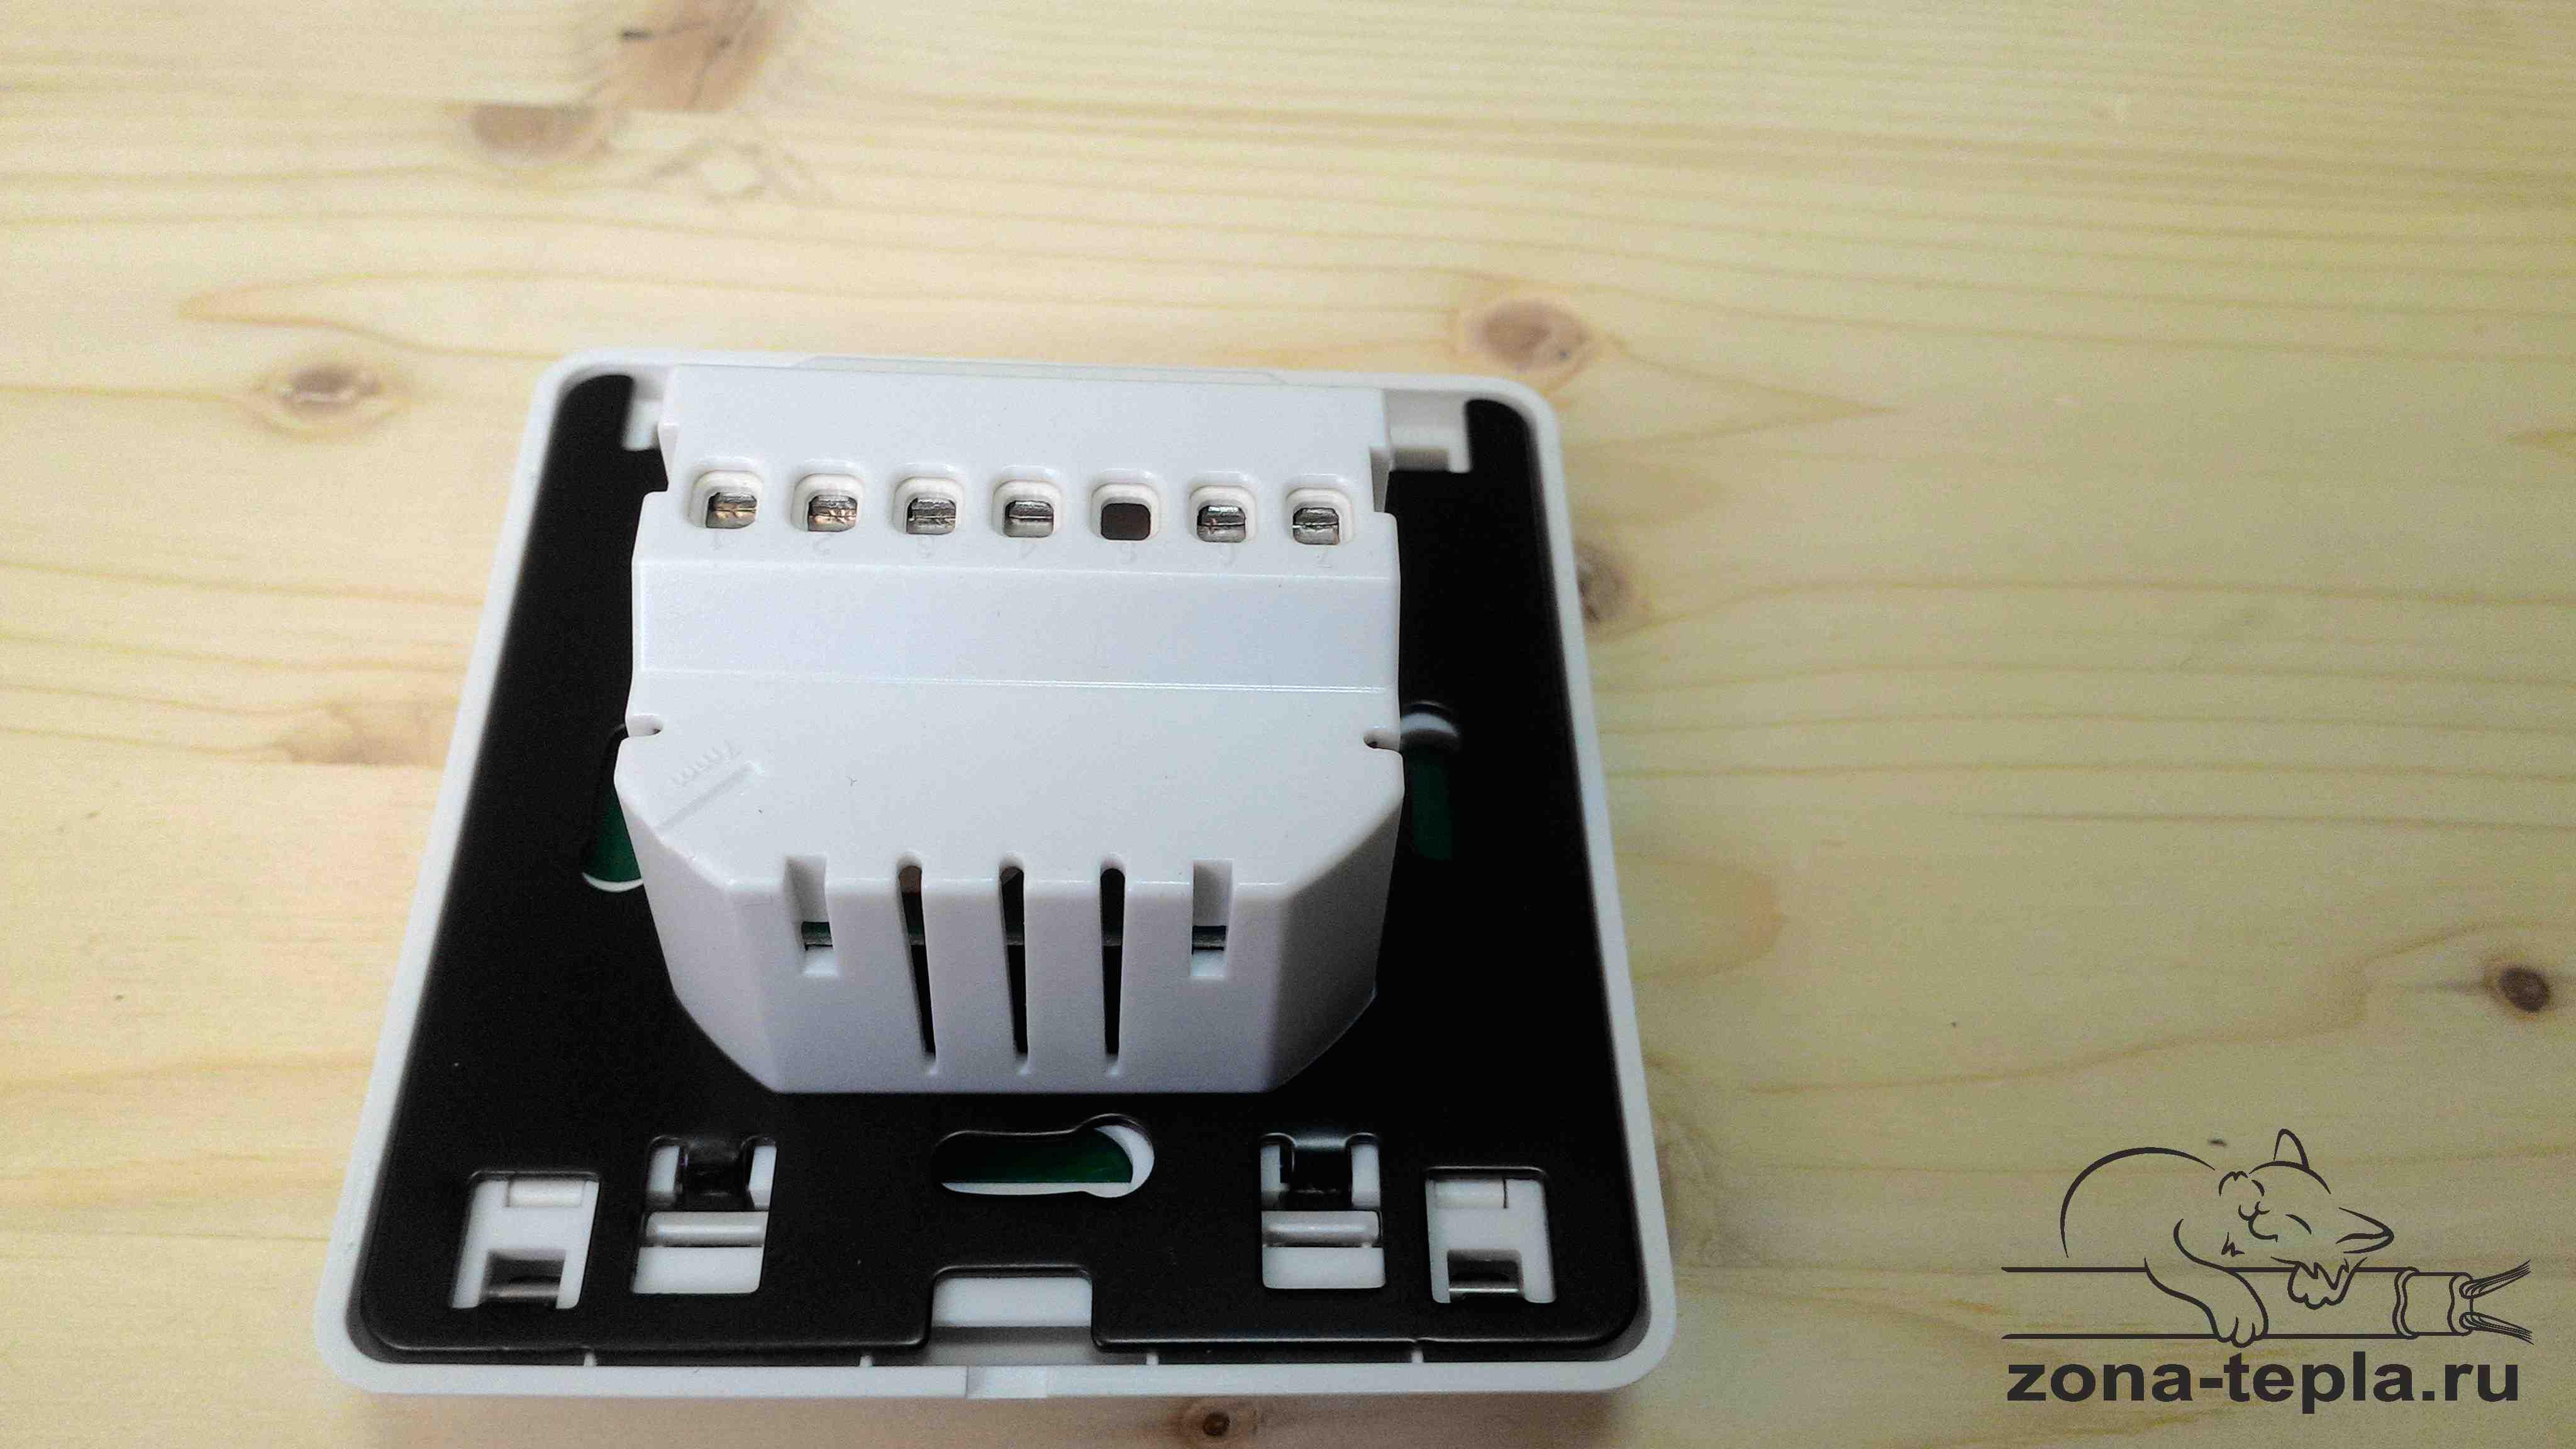 Терморегулятор для теплого пола Lavita E51.716 основание - металл